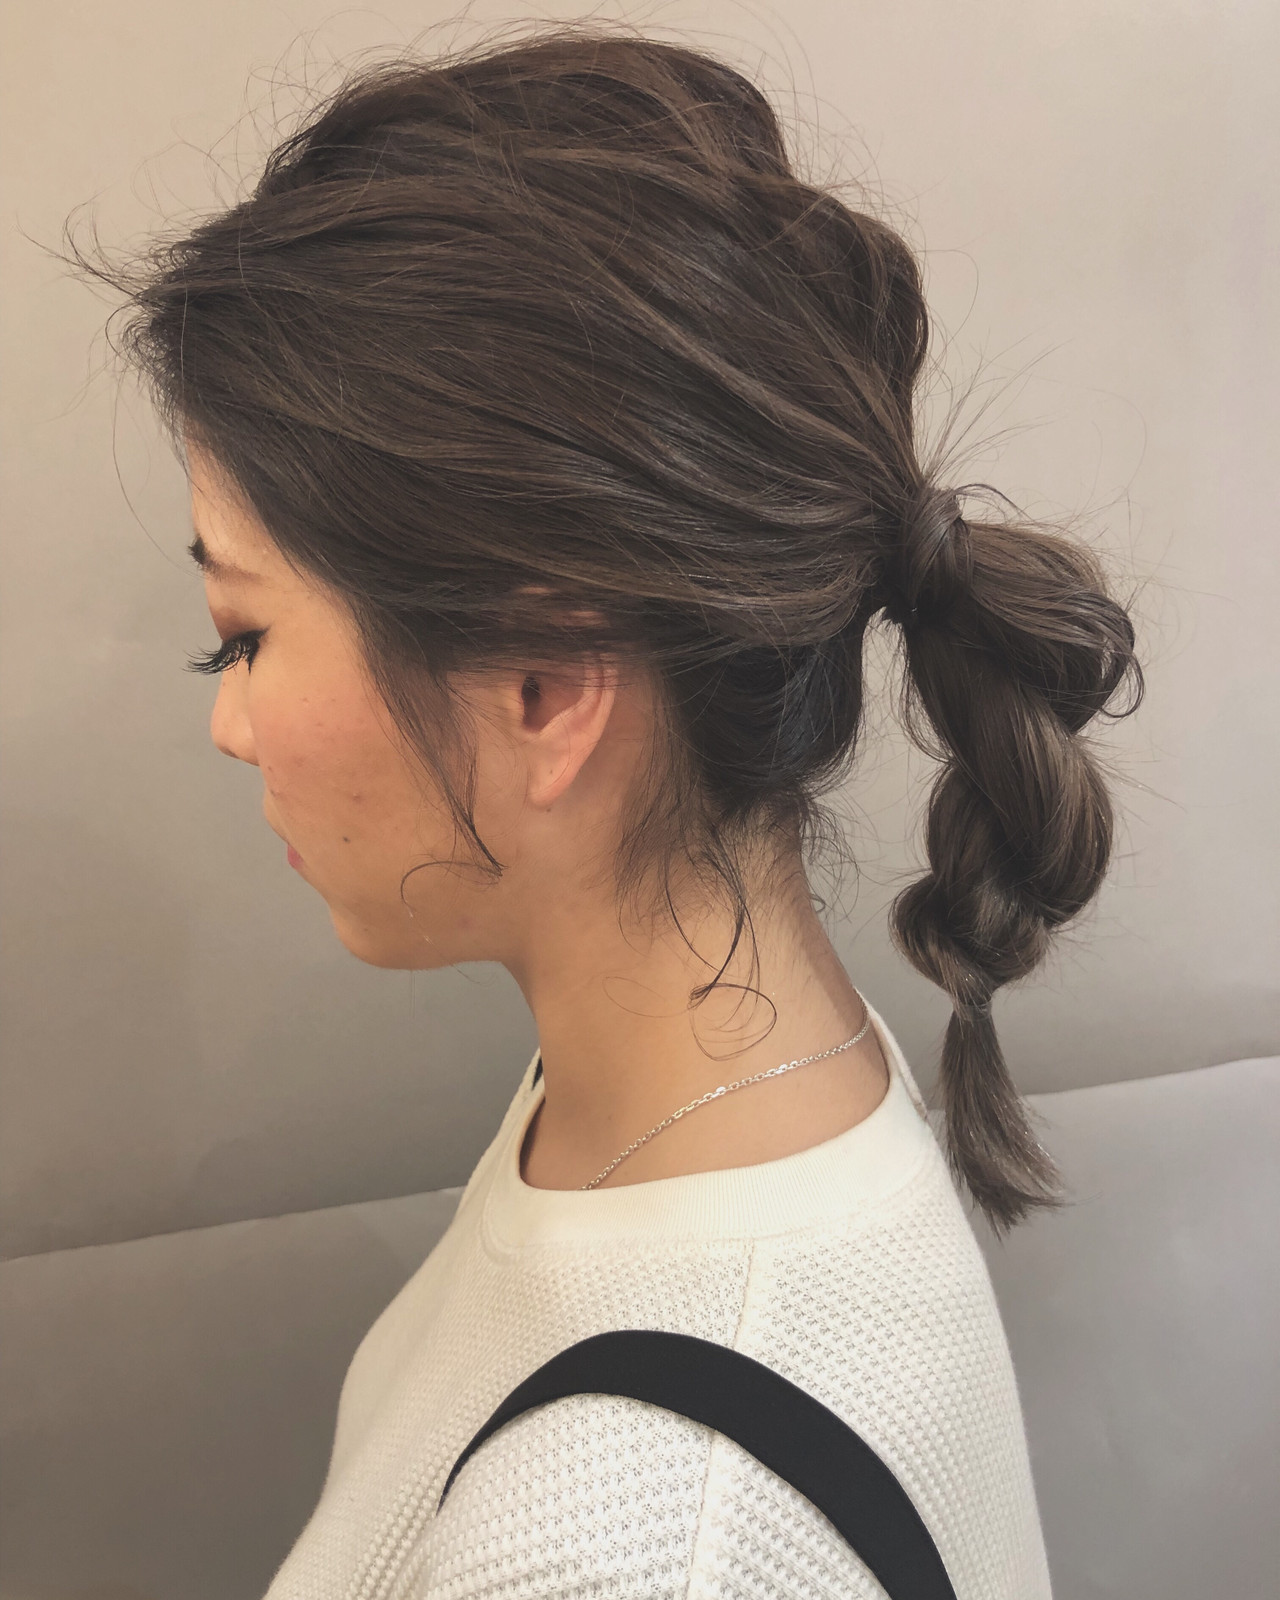 ミディアム 結婚式 デート フェミニン ヘアスタイルや髪型の写真・画像